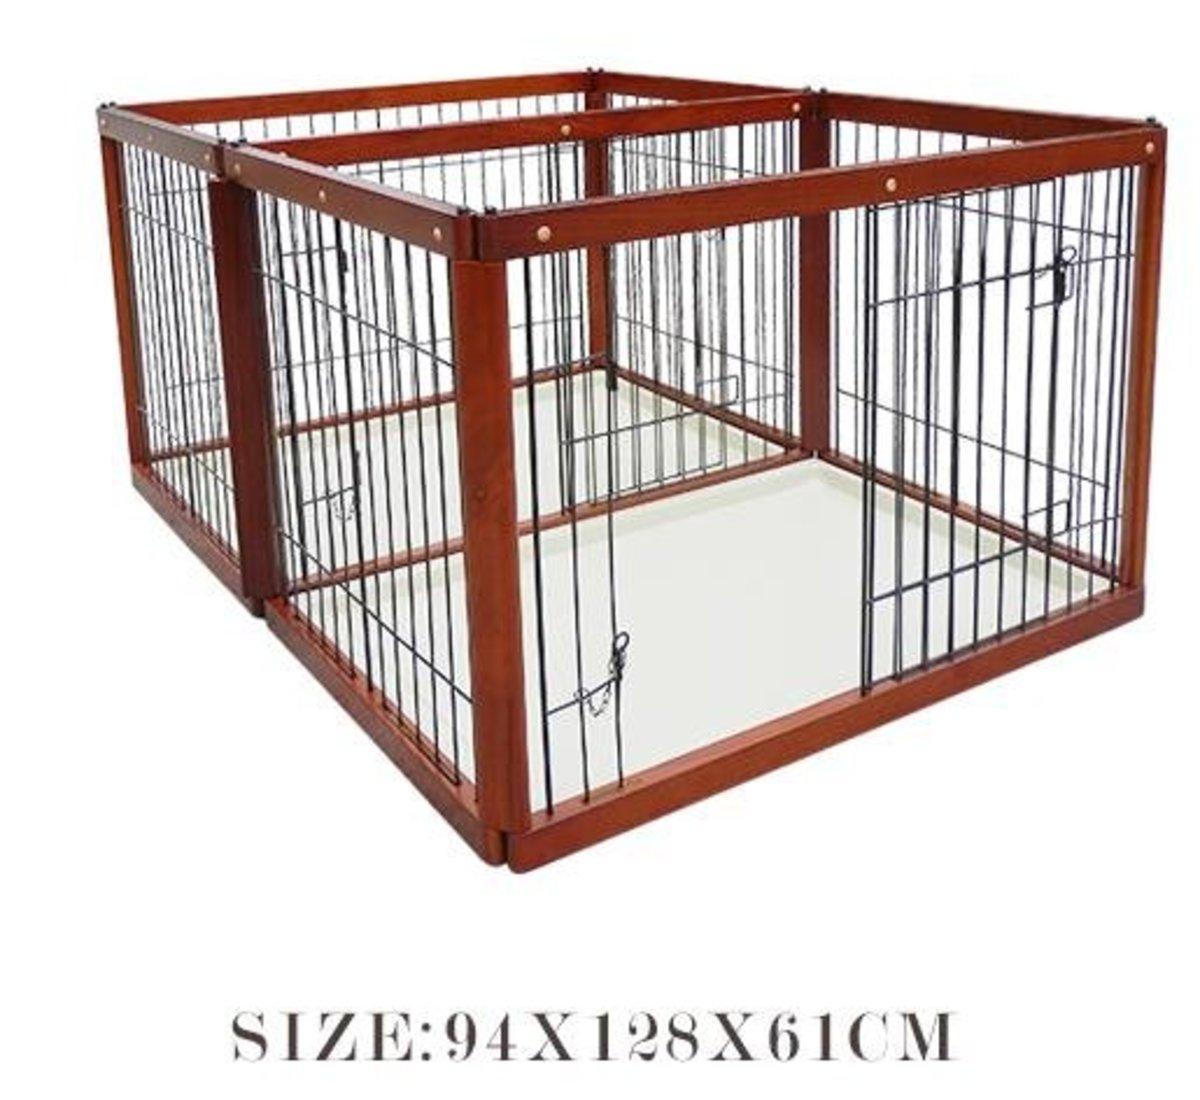 木製子母籠狗圍欄(KP款 94x128x61cm)棕色狗籠